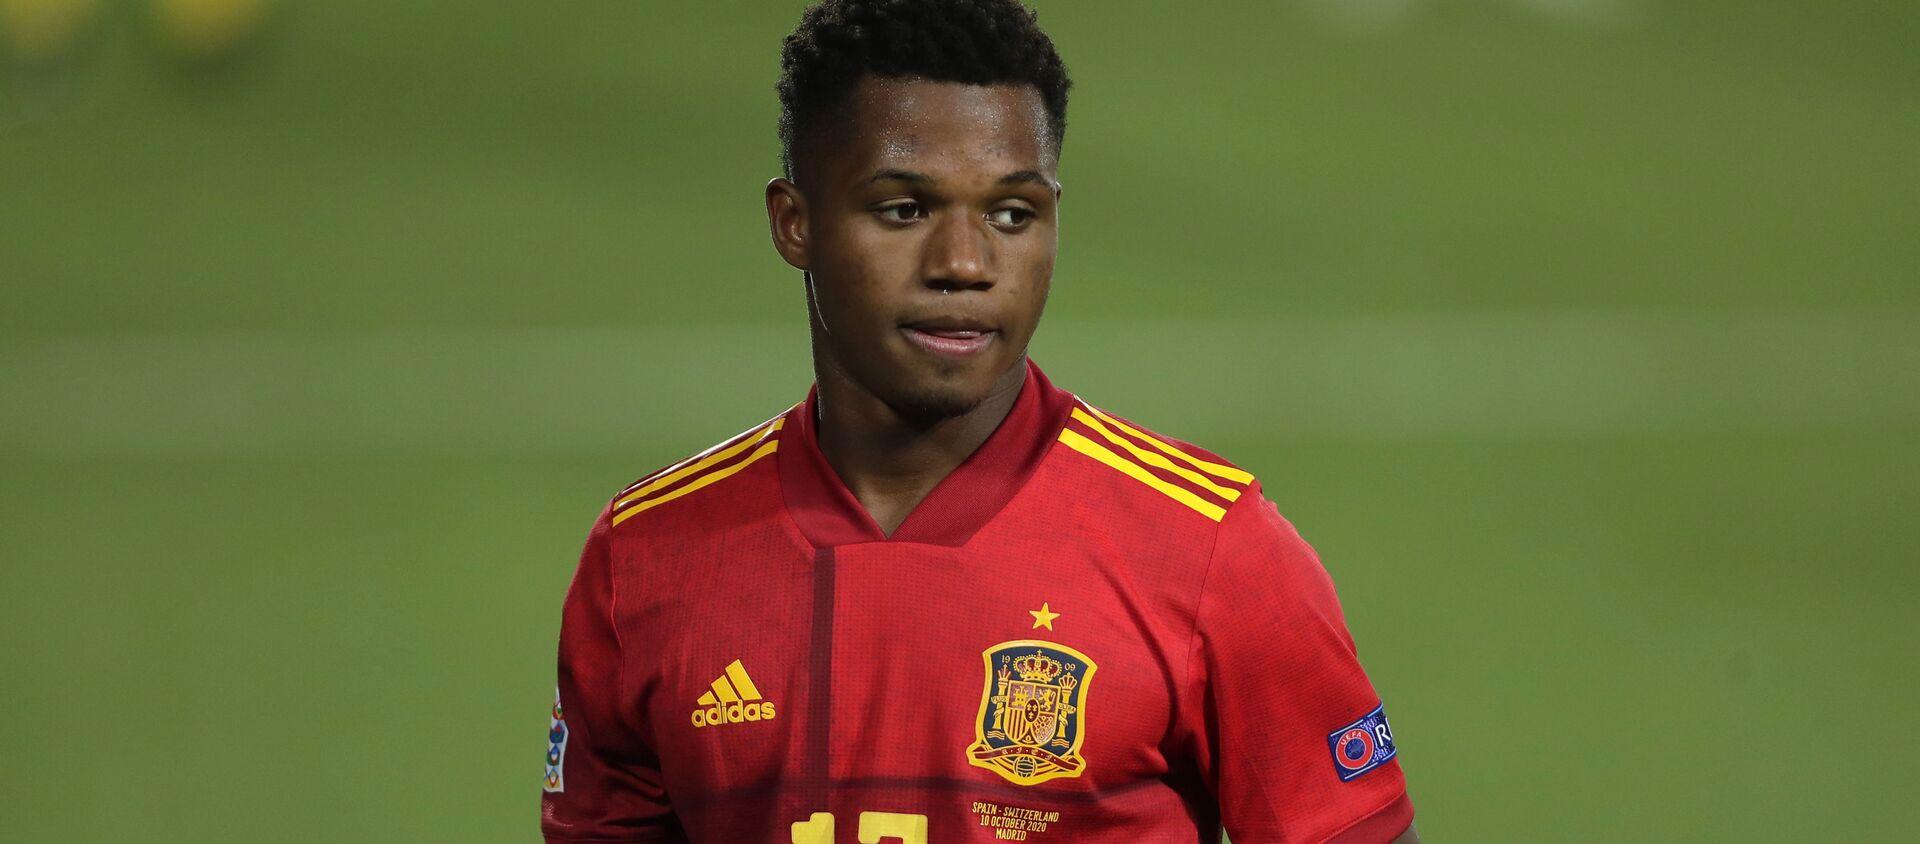 Cầu thủ bóng đá Tây Ban Nha Ansu Fati trong trận đấu tranh giải UEFA Nations League giữa đội tuyển quốc gia Tây Ban Nha và Thụy Sĩ tại Madrid, Tây Ban Nha. - Sputnik Việt Nam, 1920, 14.02.2021